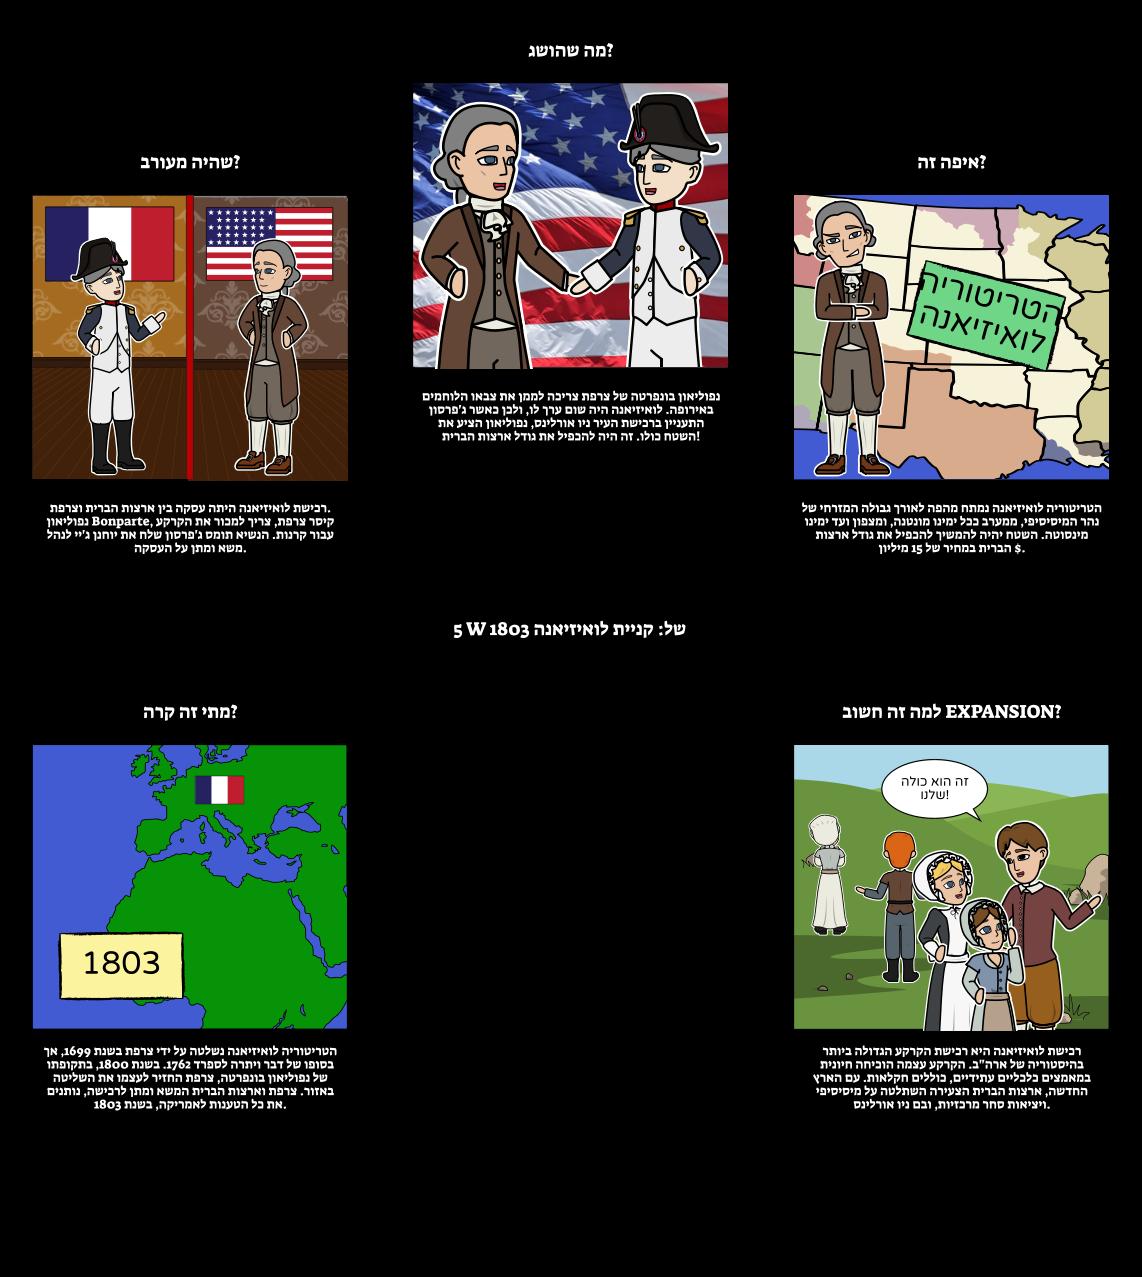 """התפשטות טריטוריאלית בארה""""ב - רכישת לואיזיאנה 1803"""